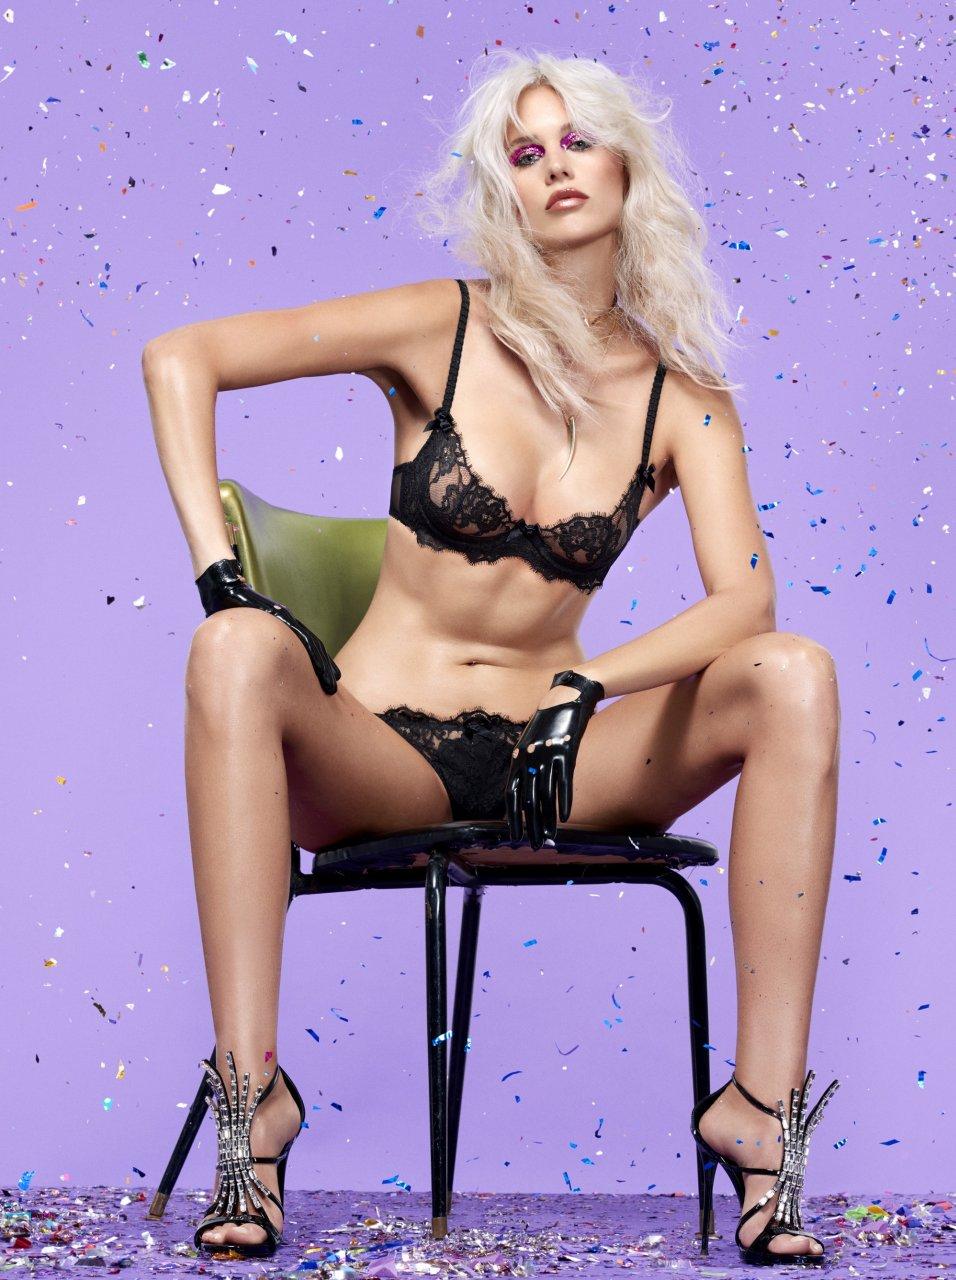 Becca hiller sexy 9 photos